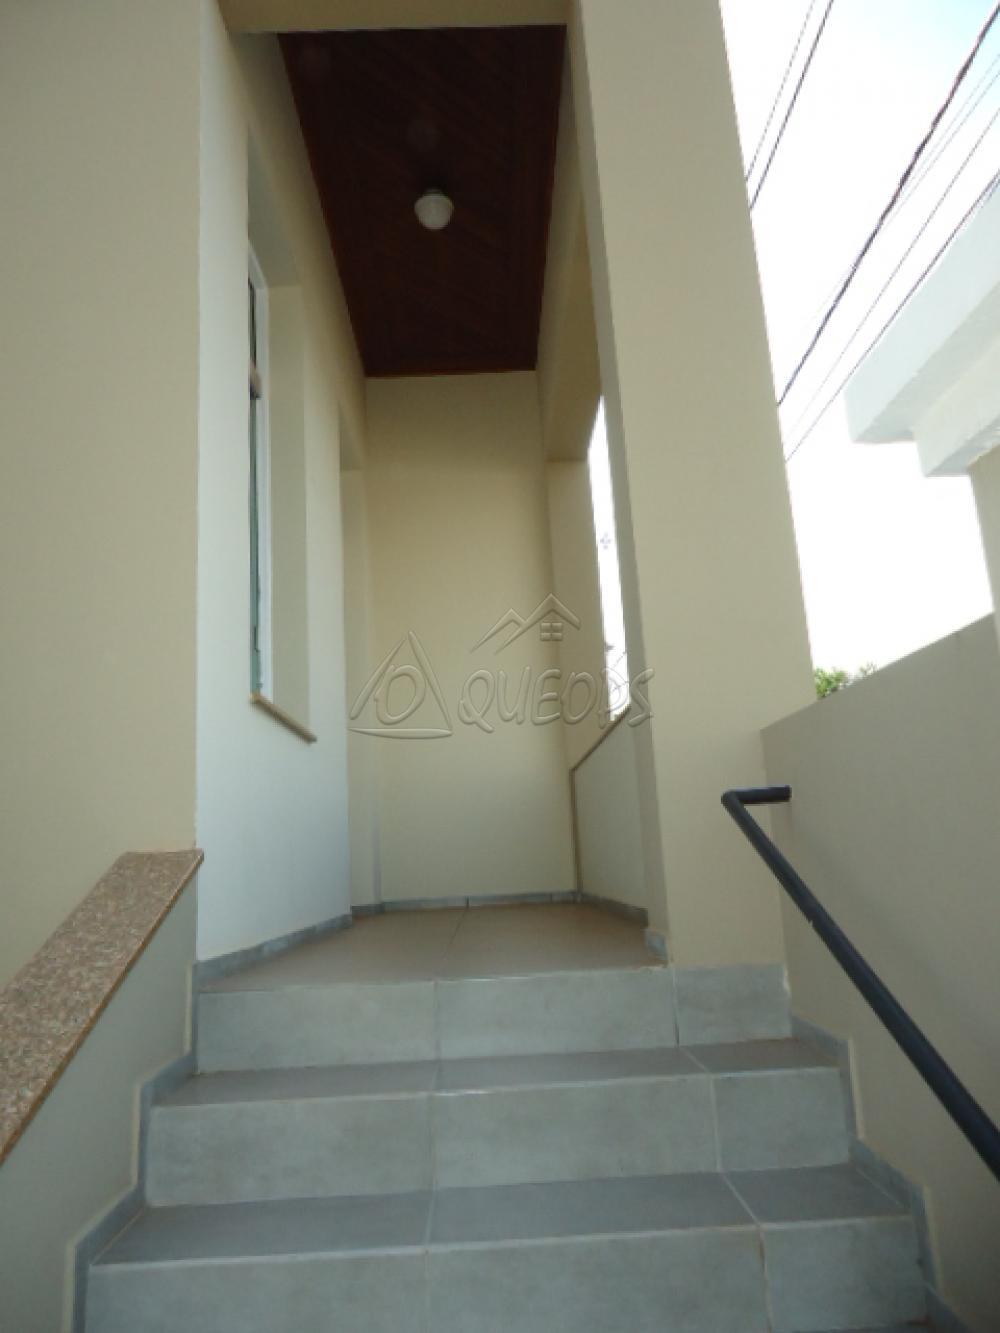 Alugar Casa / Padrão em Barretos apenas R$ 5.000,00 - Foto 4